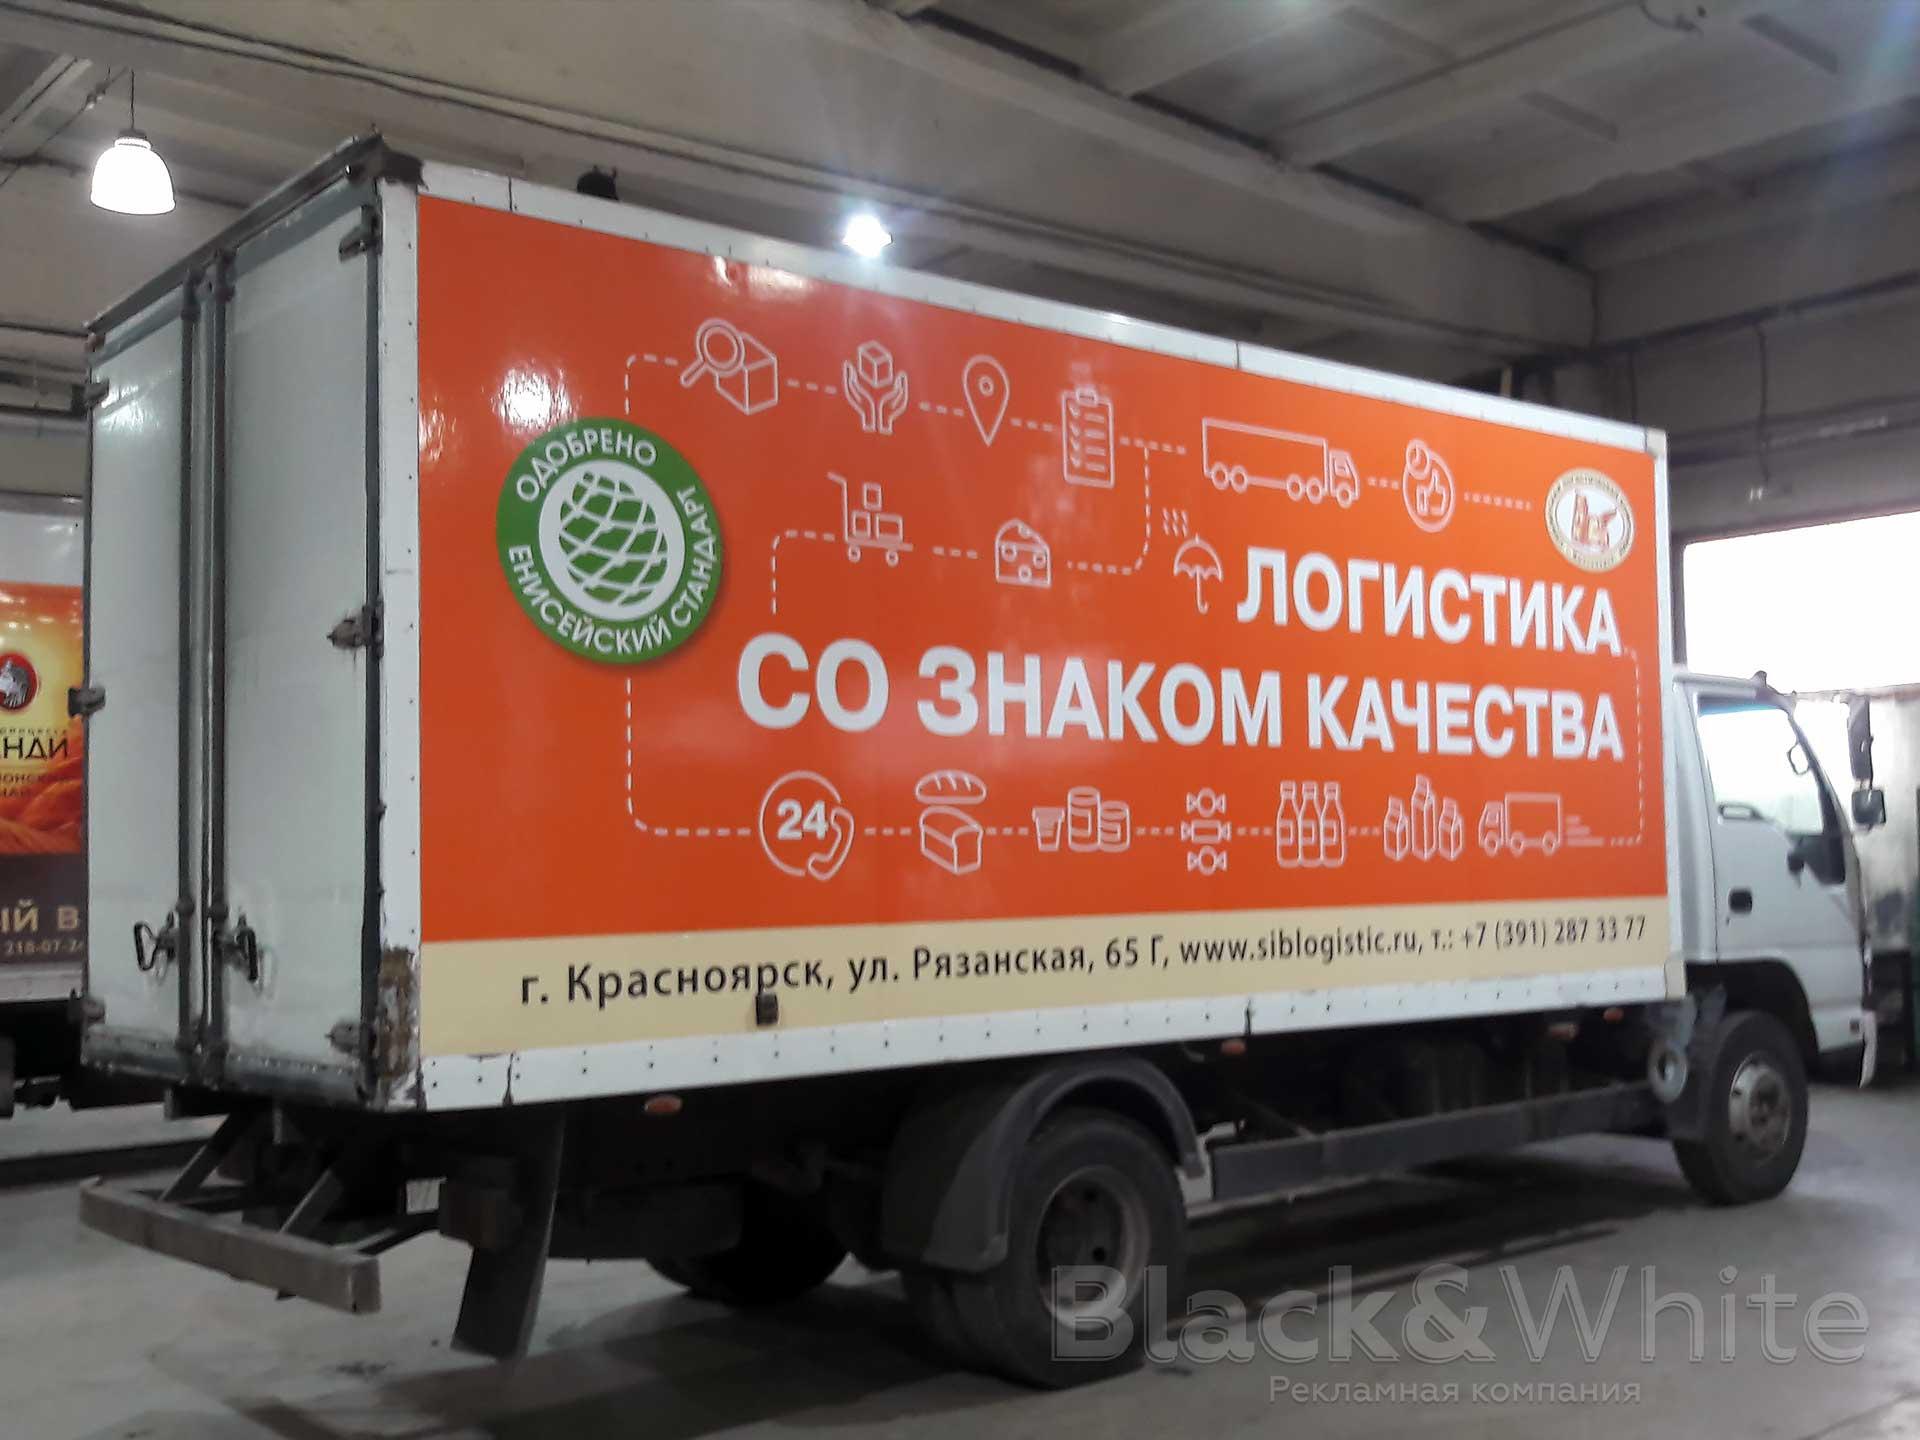 Брендирование-грузовых-автомобилей-виниловой-плёнкой-в-красноярске-bw.jpg